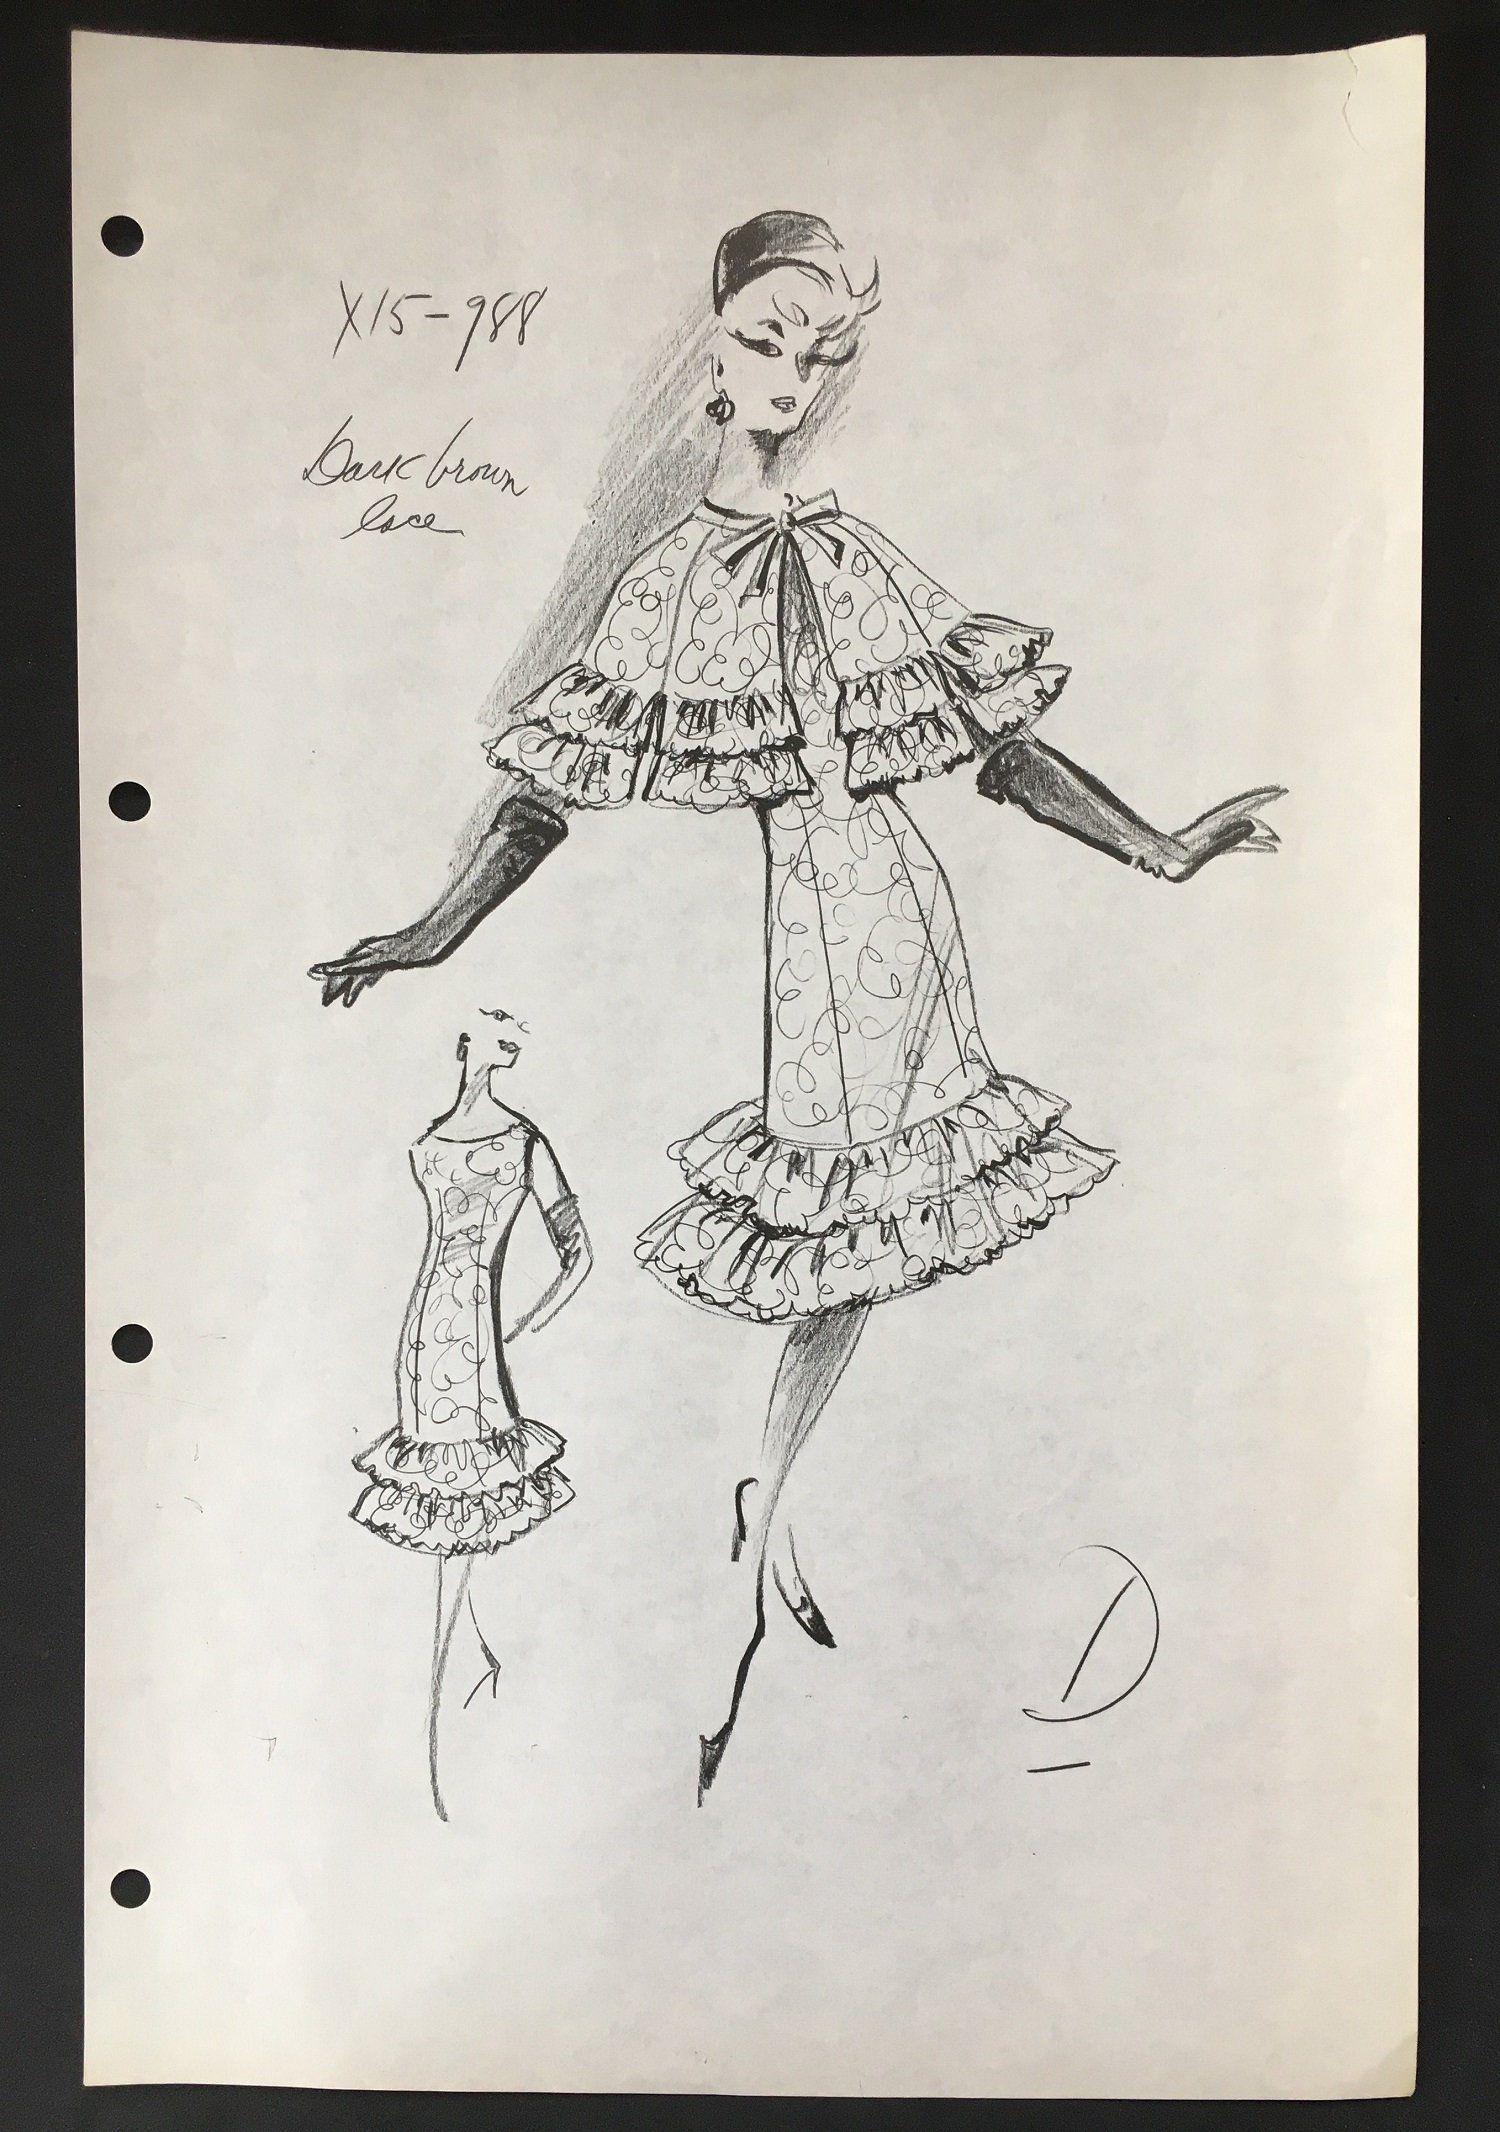 Vintage Fashion Designer Sketchstat Sheetdrawingbalenciaga Fashion Design Drawing Fashion Design Vintage Fashion